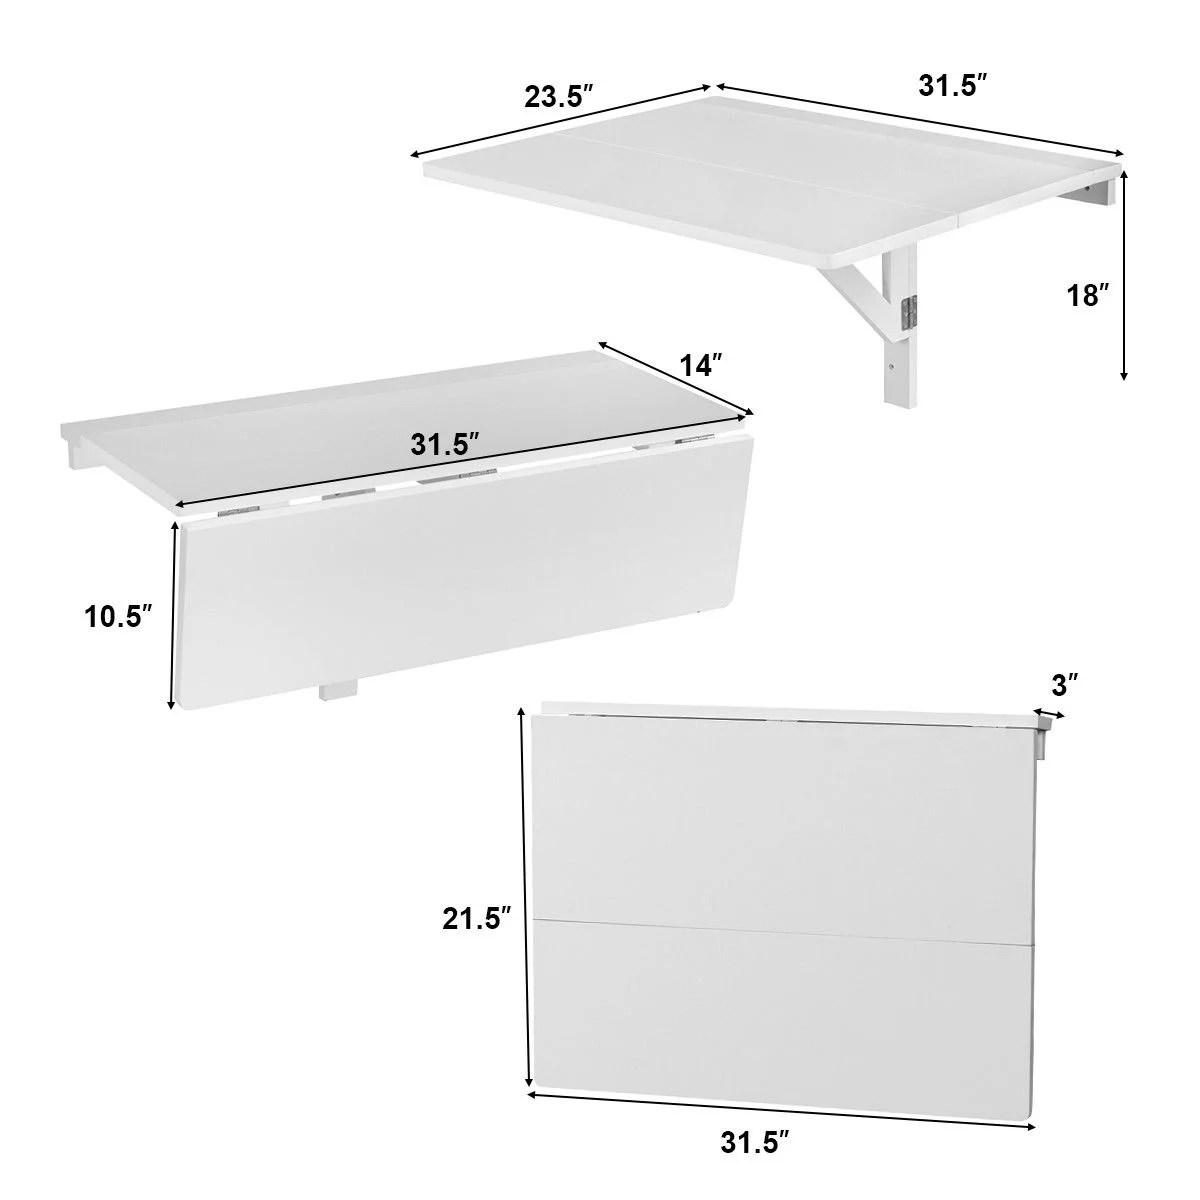 gymax table de cuisine en bois pliante table murale rabattable pour salle a manger chambre salon 80 x 60 x 43 cm blanche